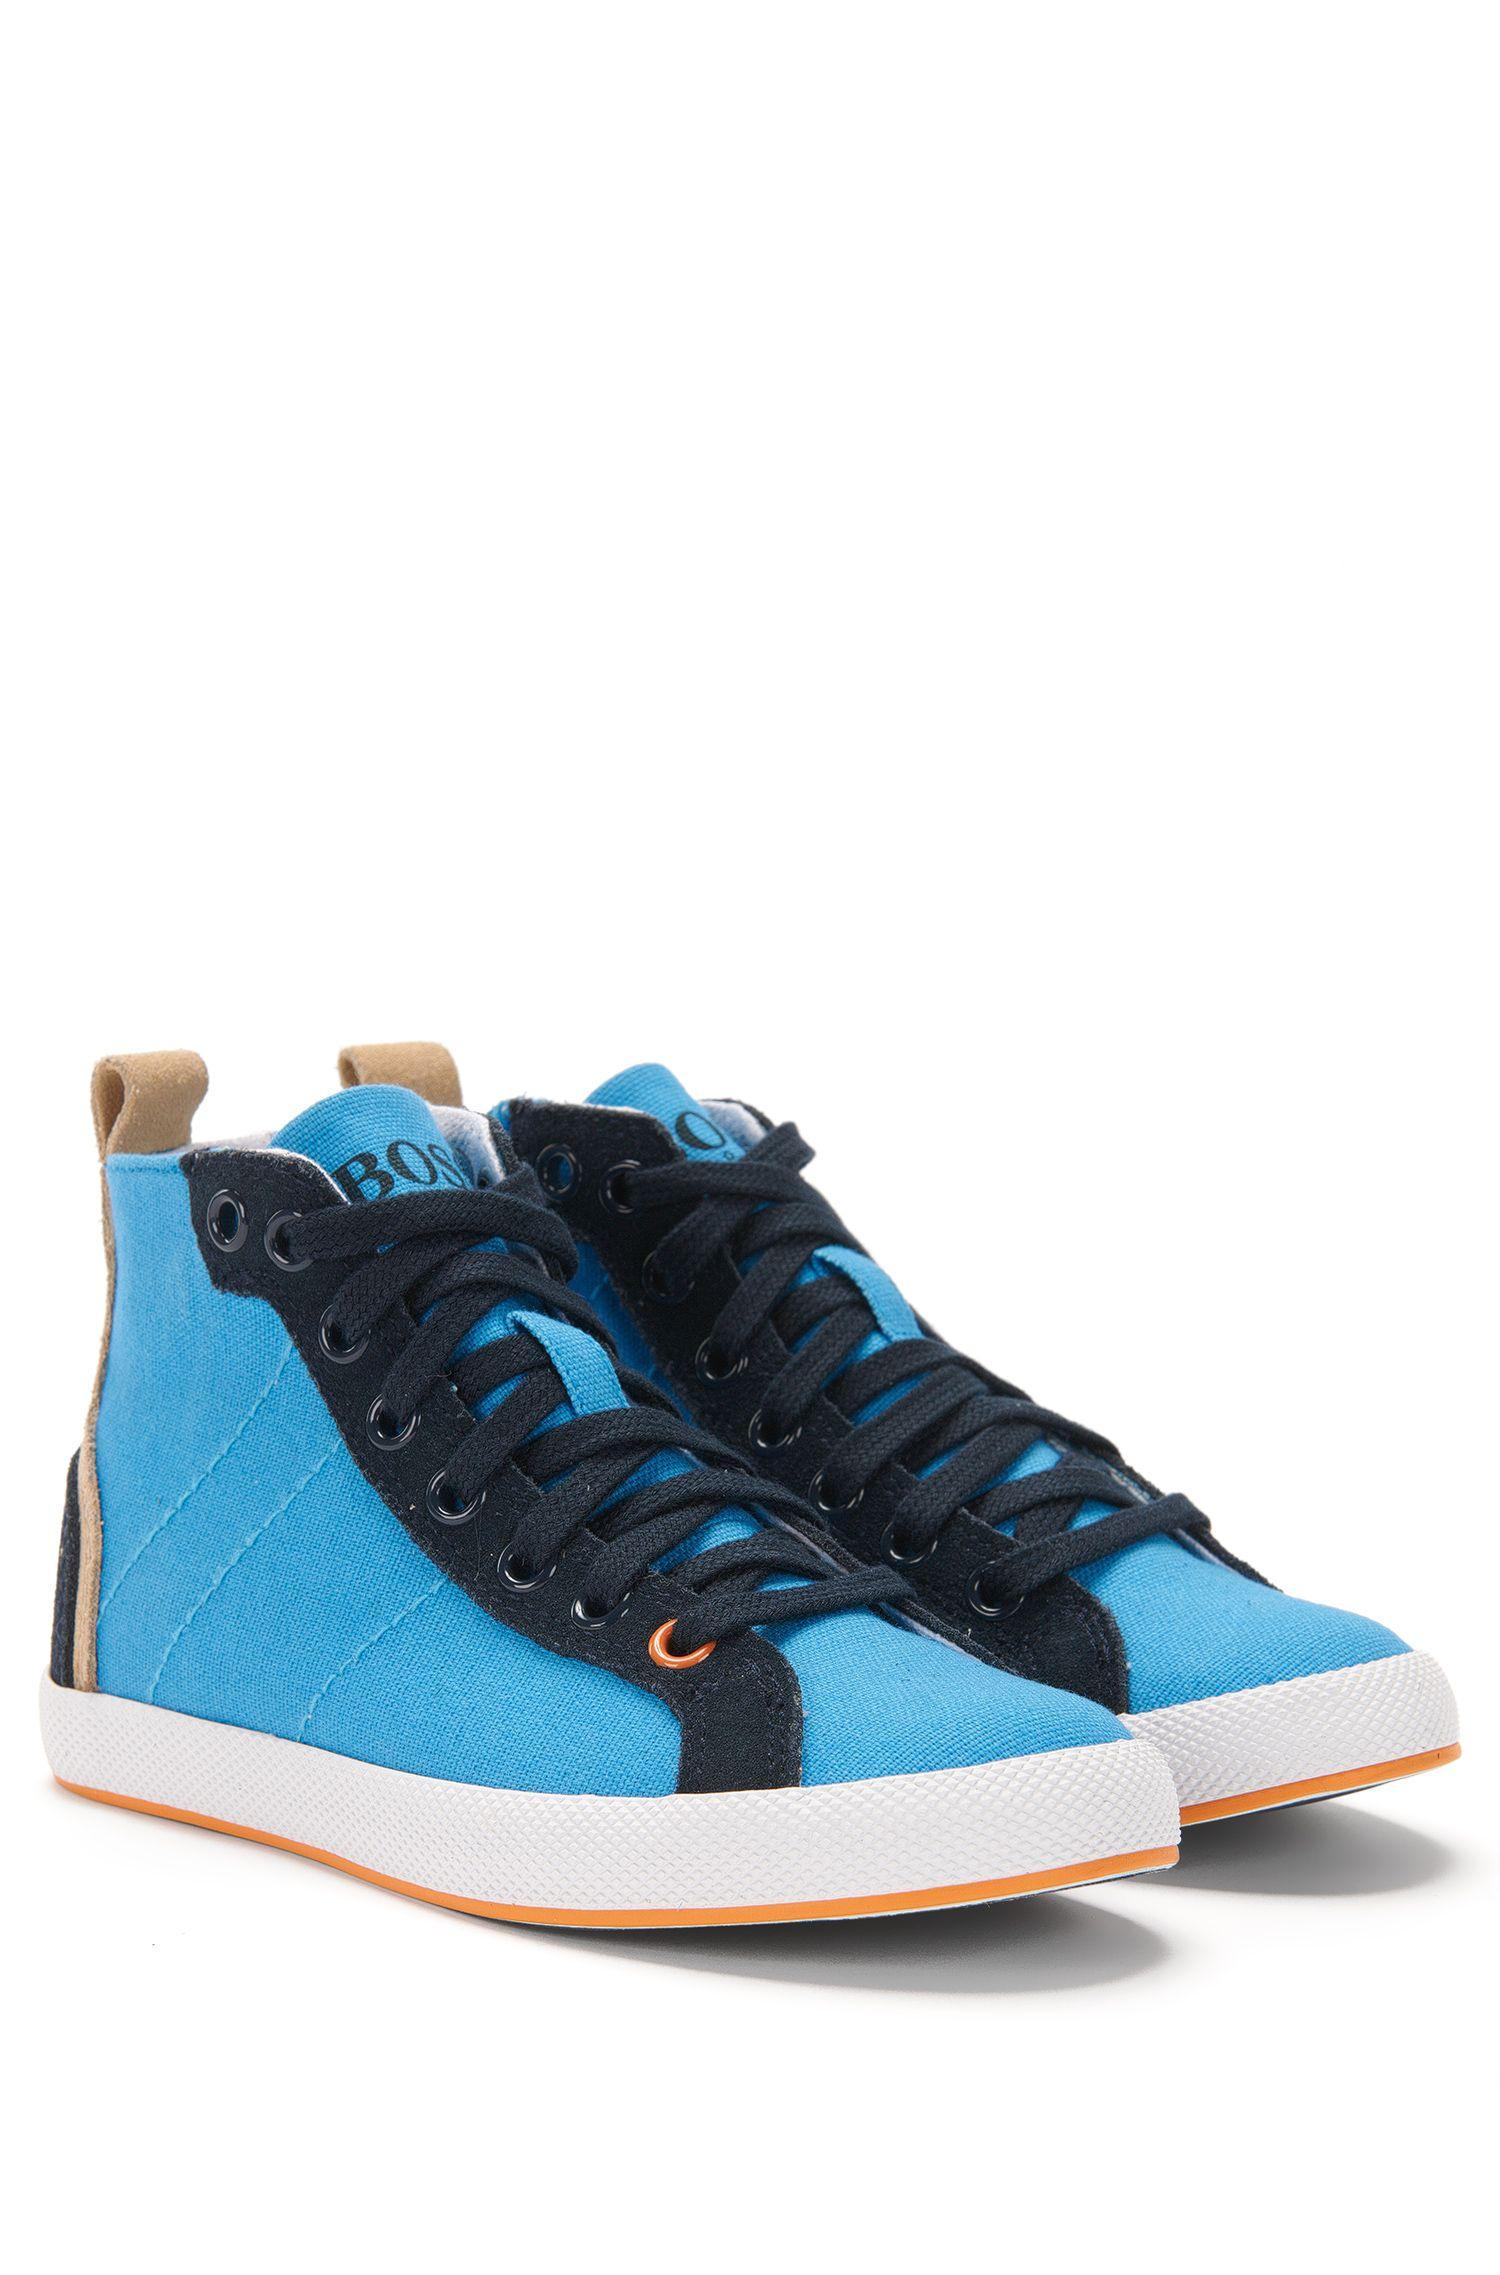 Knöchelhohe Kids-Sneakers aus Canvas mit Lederbesatz: 'J29112'